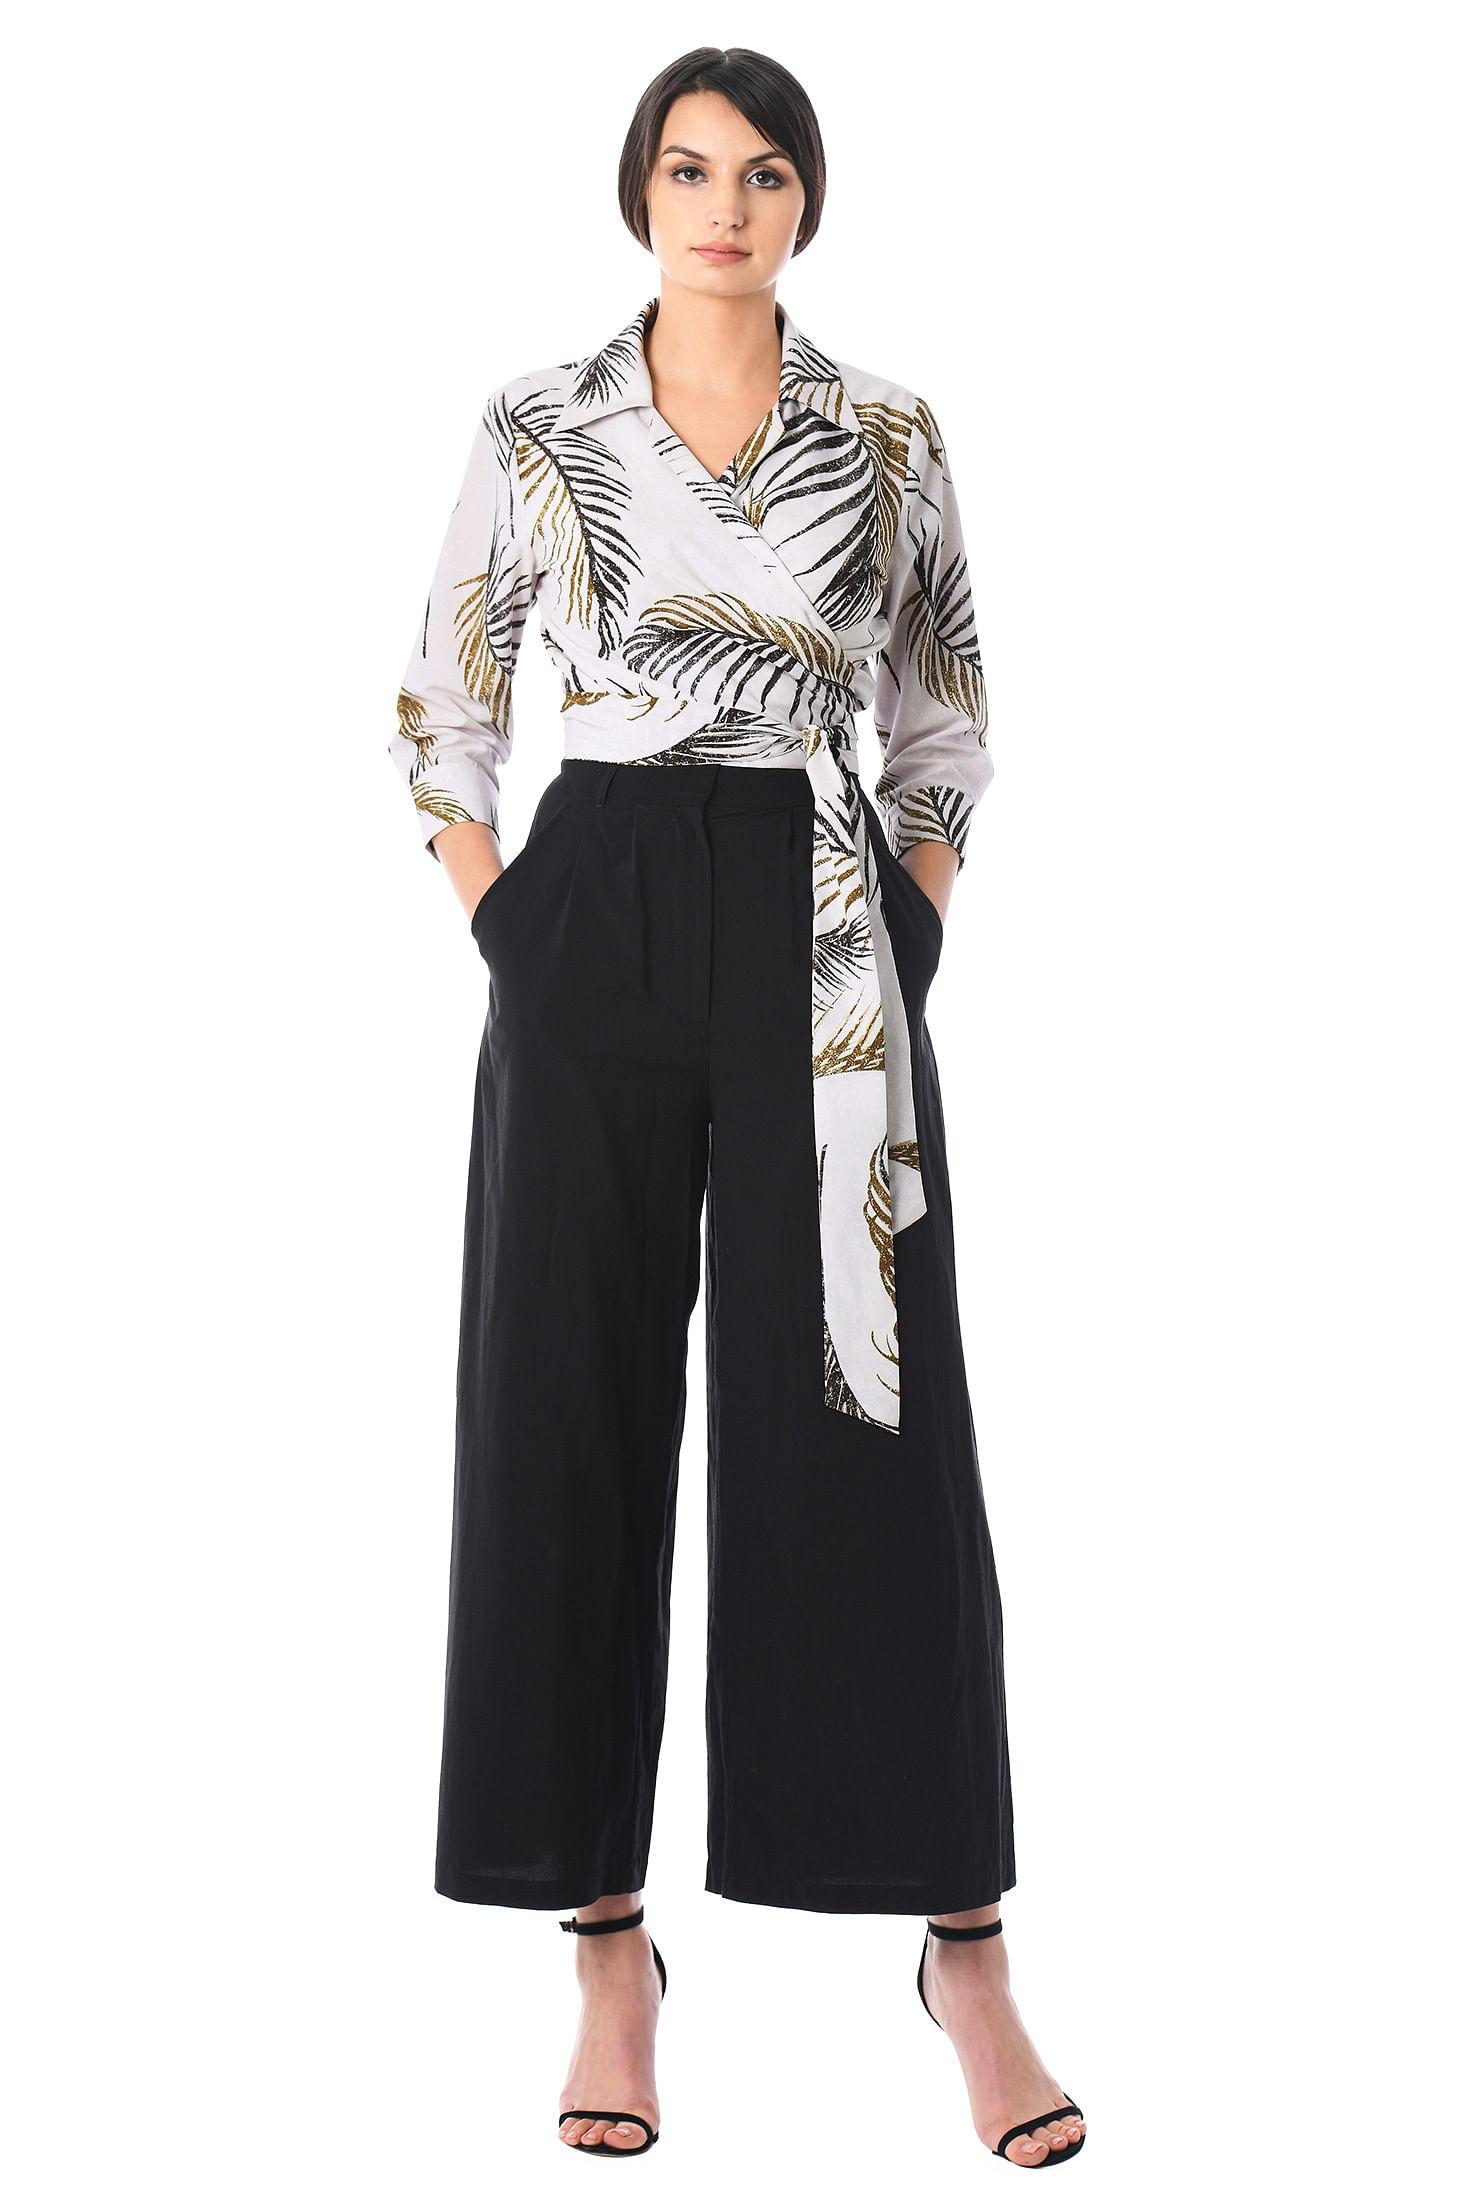 ef3f77b5075 Women's Fashion Clothing 0-36W and Custom